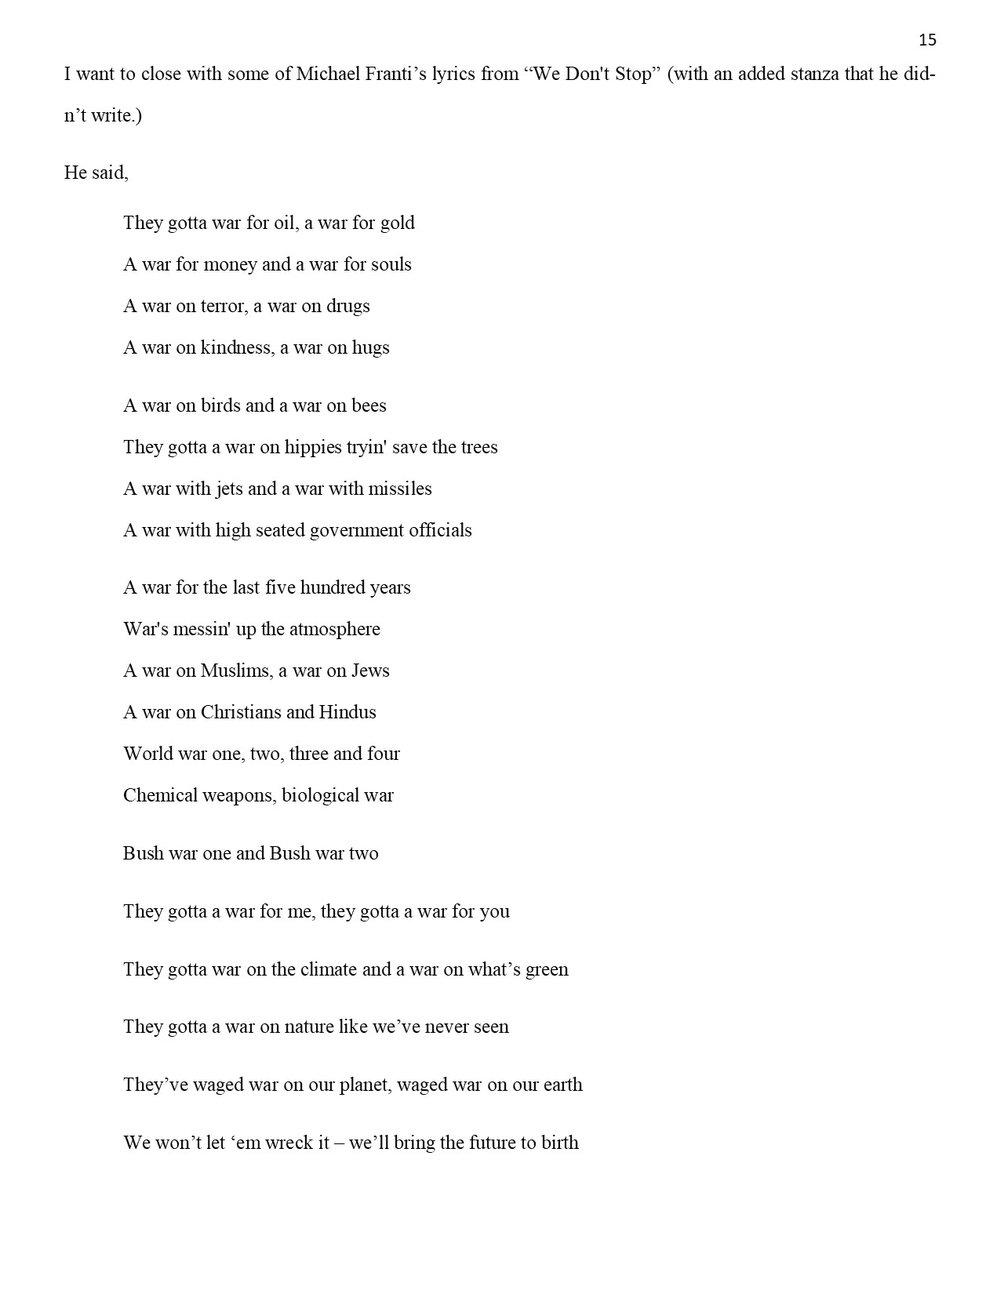 Story of a Hillside - Sabina Virgo (Prose, Essay)-15.jpg